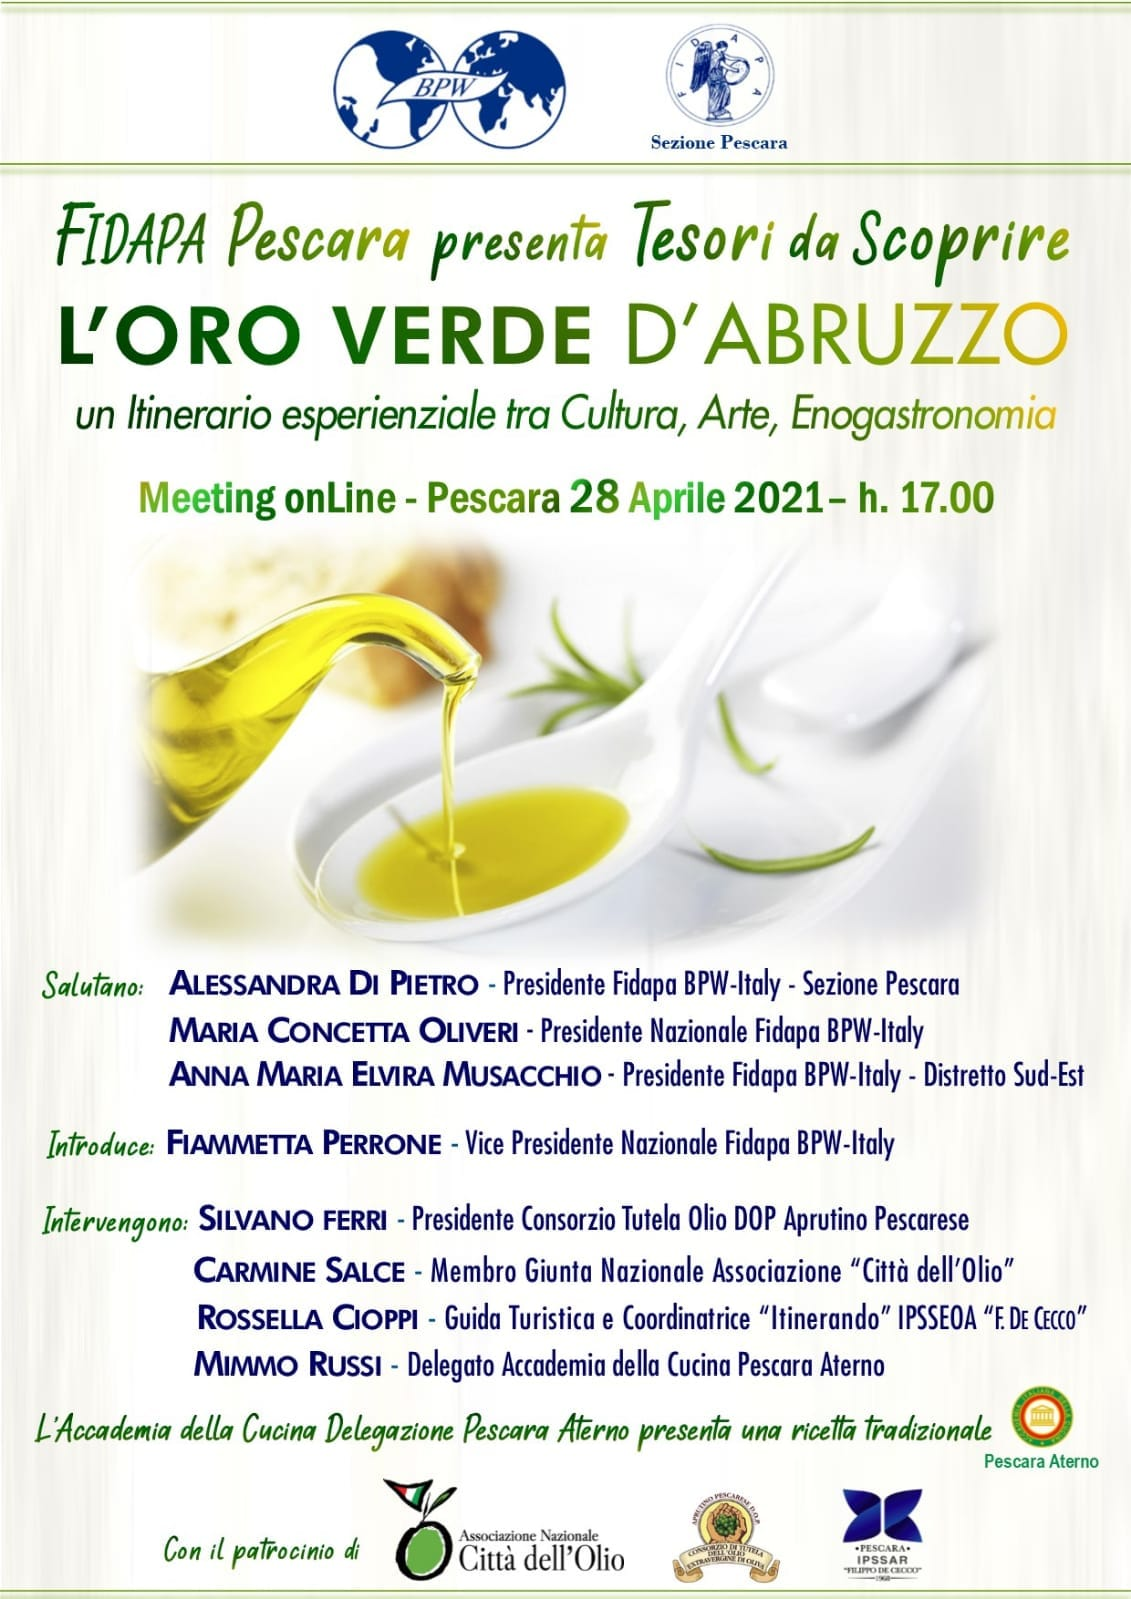 L'oro verde d'Abruzzo